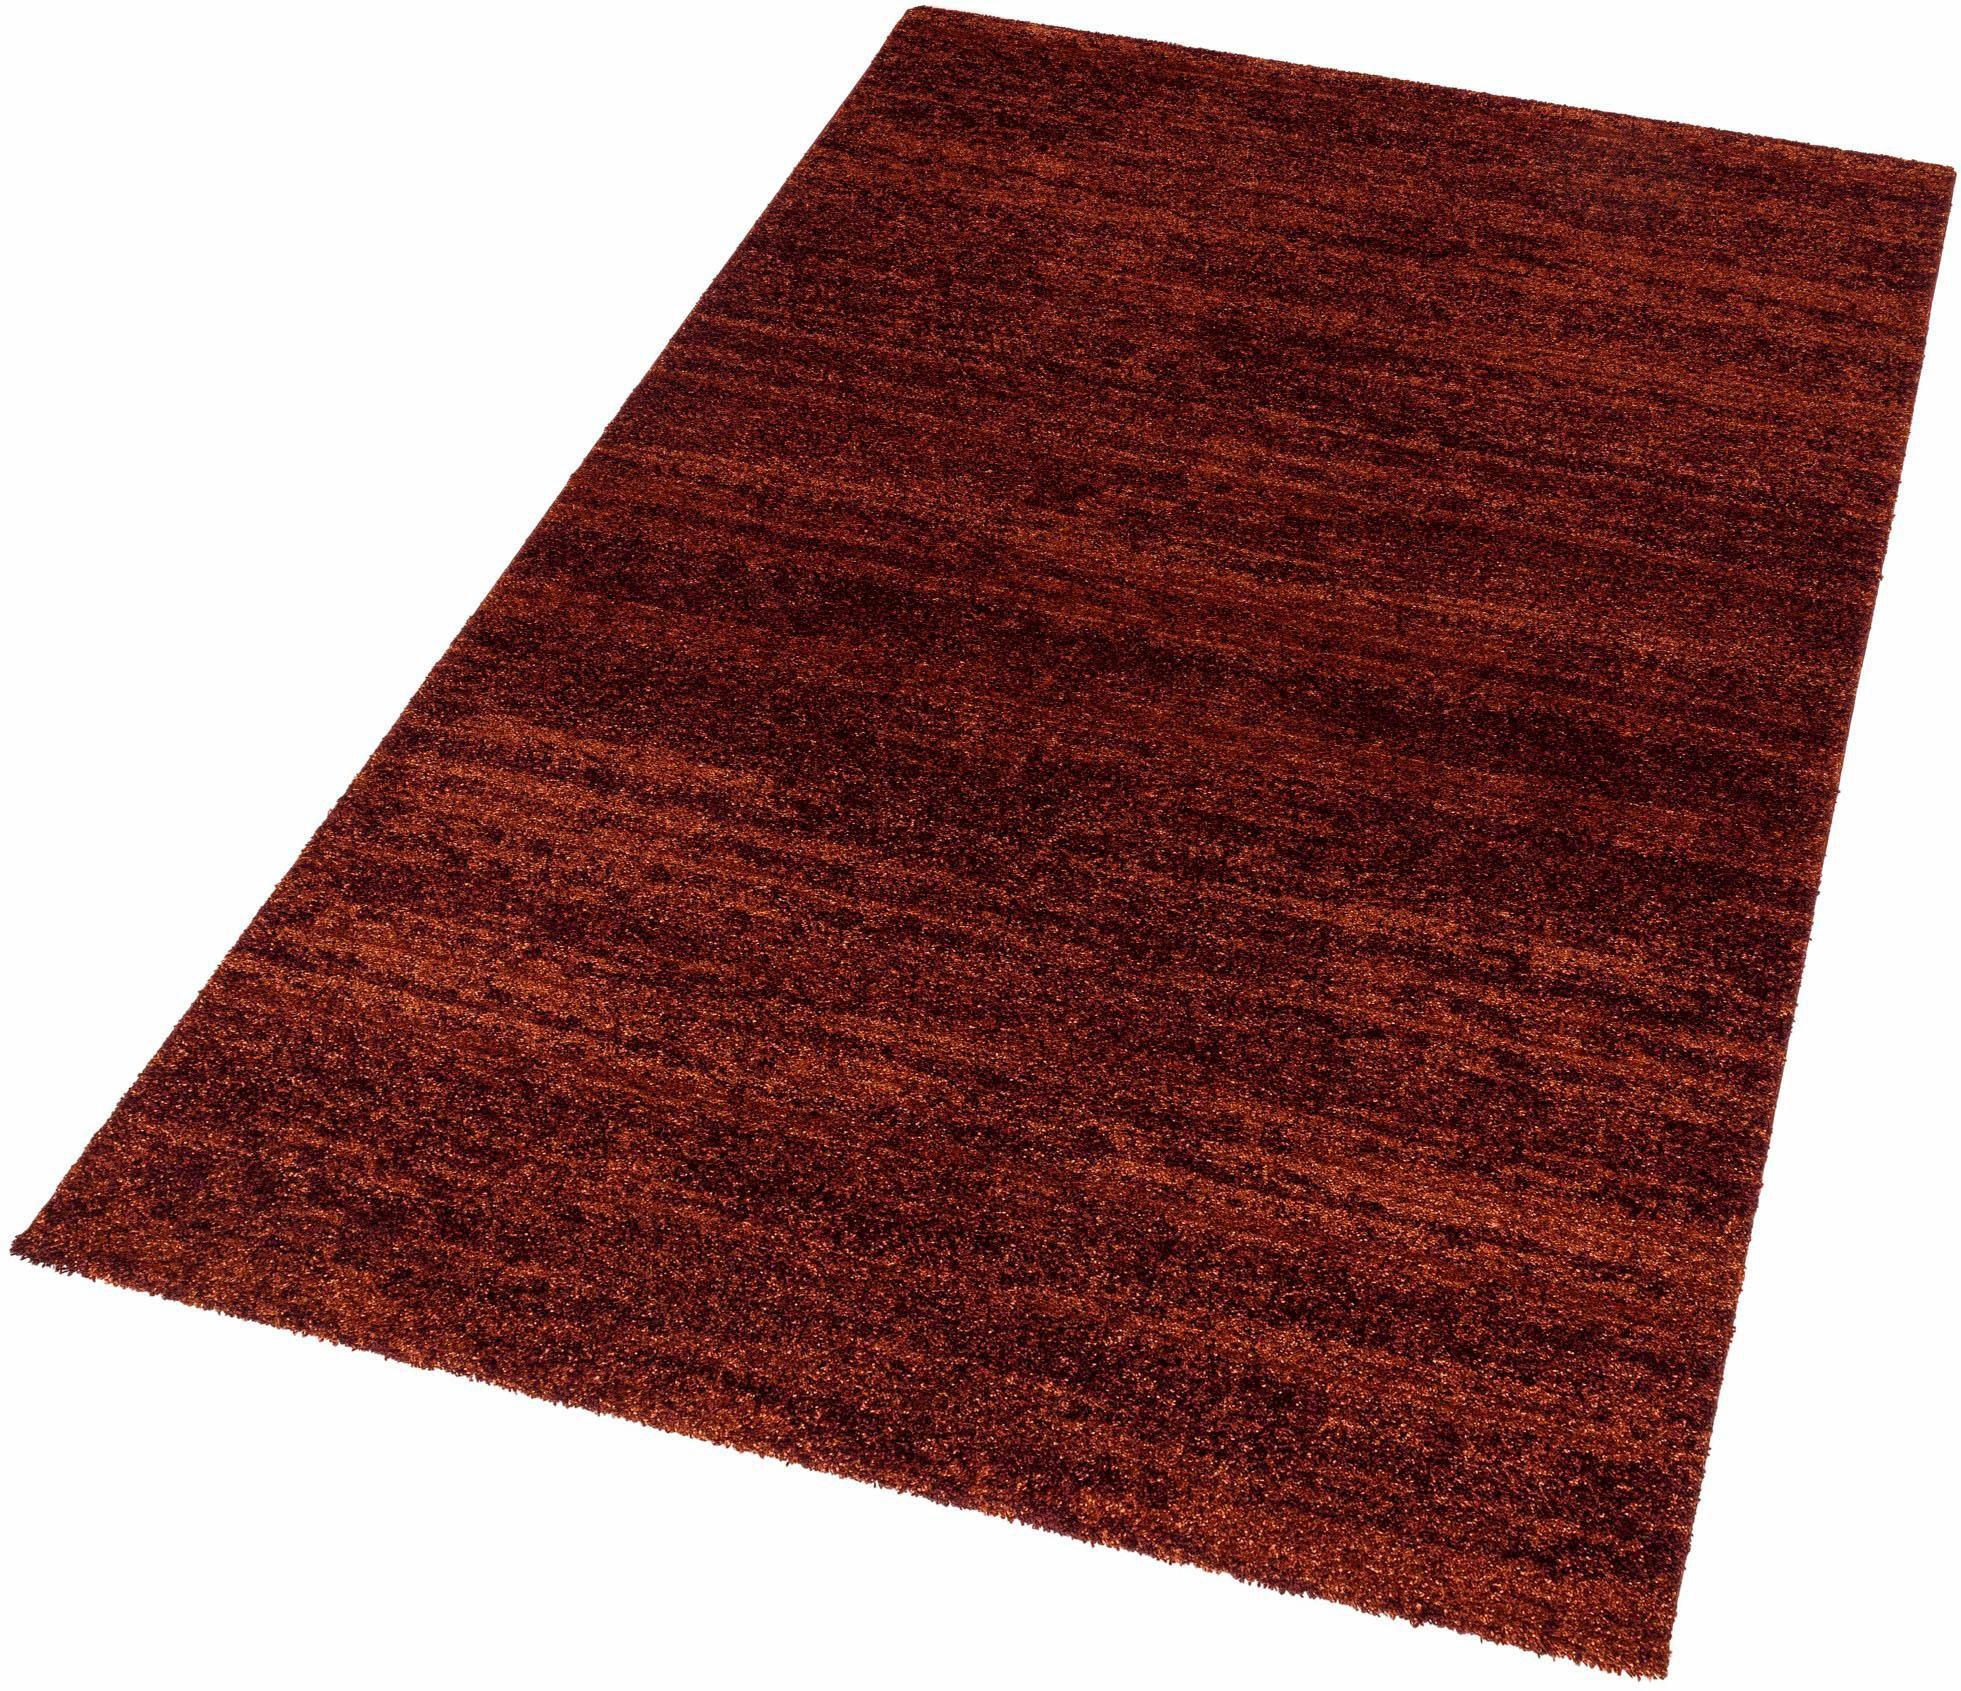 ASTRA Teppich, Astra, »Samoa Melange«, maschinell gewebt, Wunschmaß